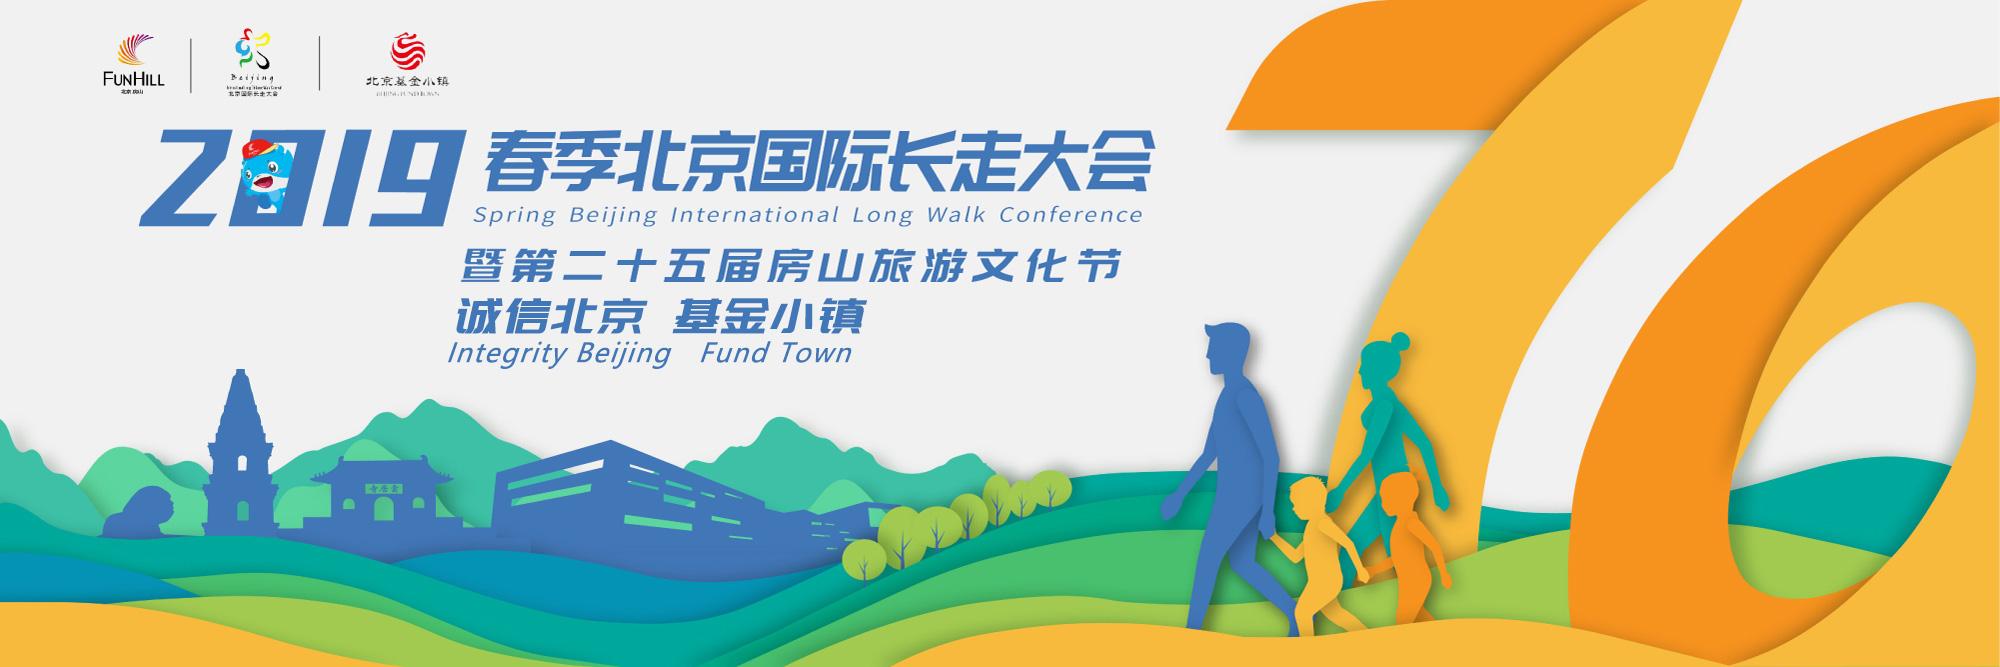 2019春季北京国际长走大会